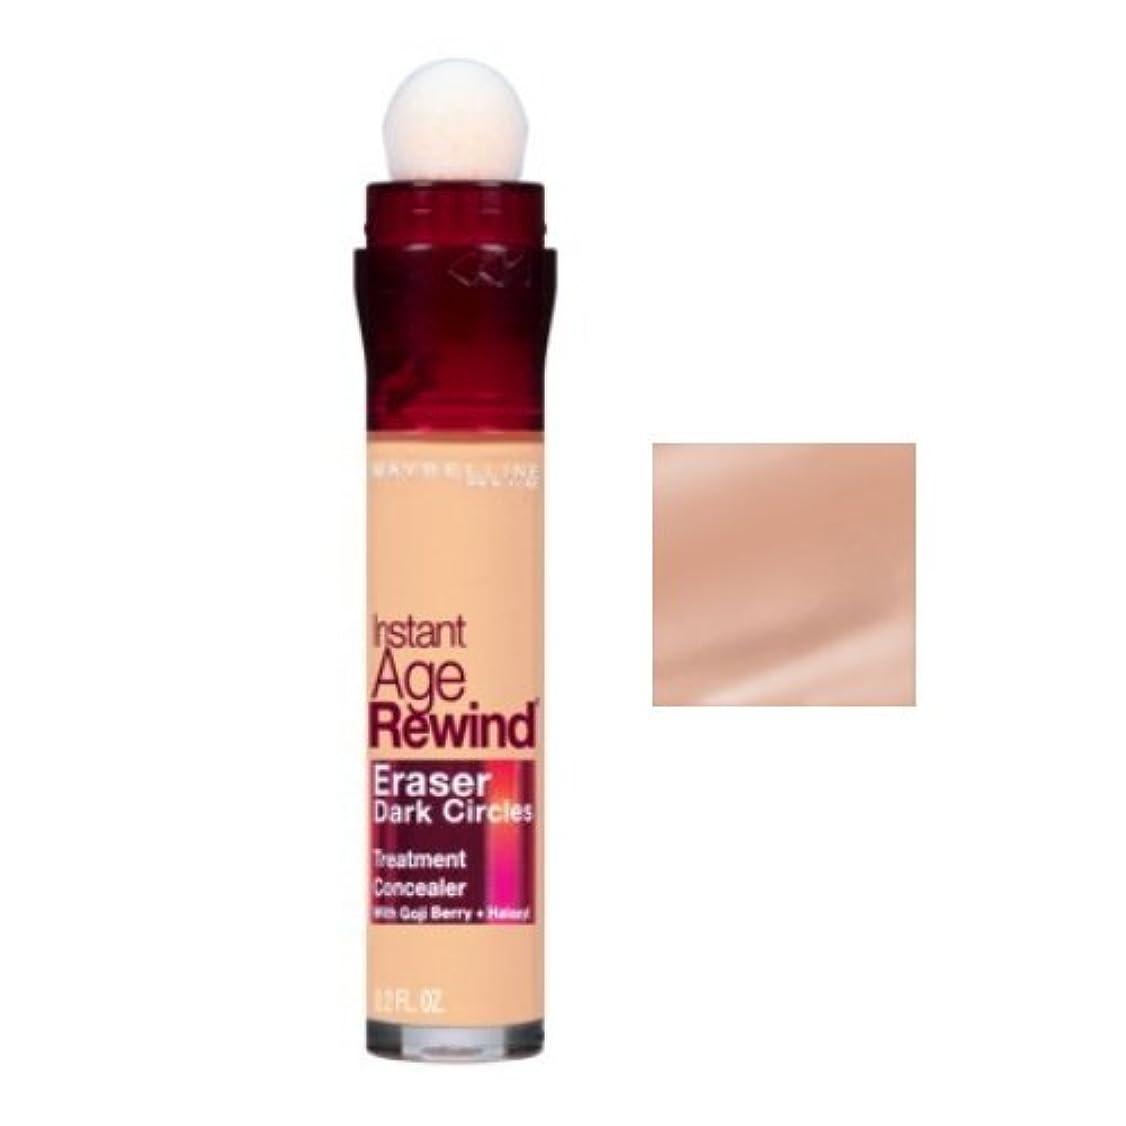 ゴミこどもの宮殿嫌がらせ(3 Pack) MAYBELLINE Instant Age Rewind Eraser Dark Circles + Treatment - Honey (並行輸入品)